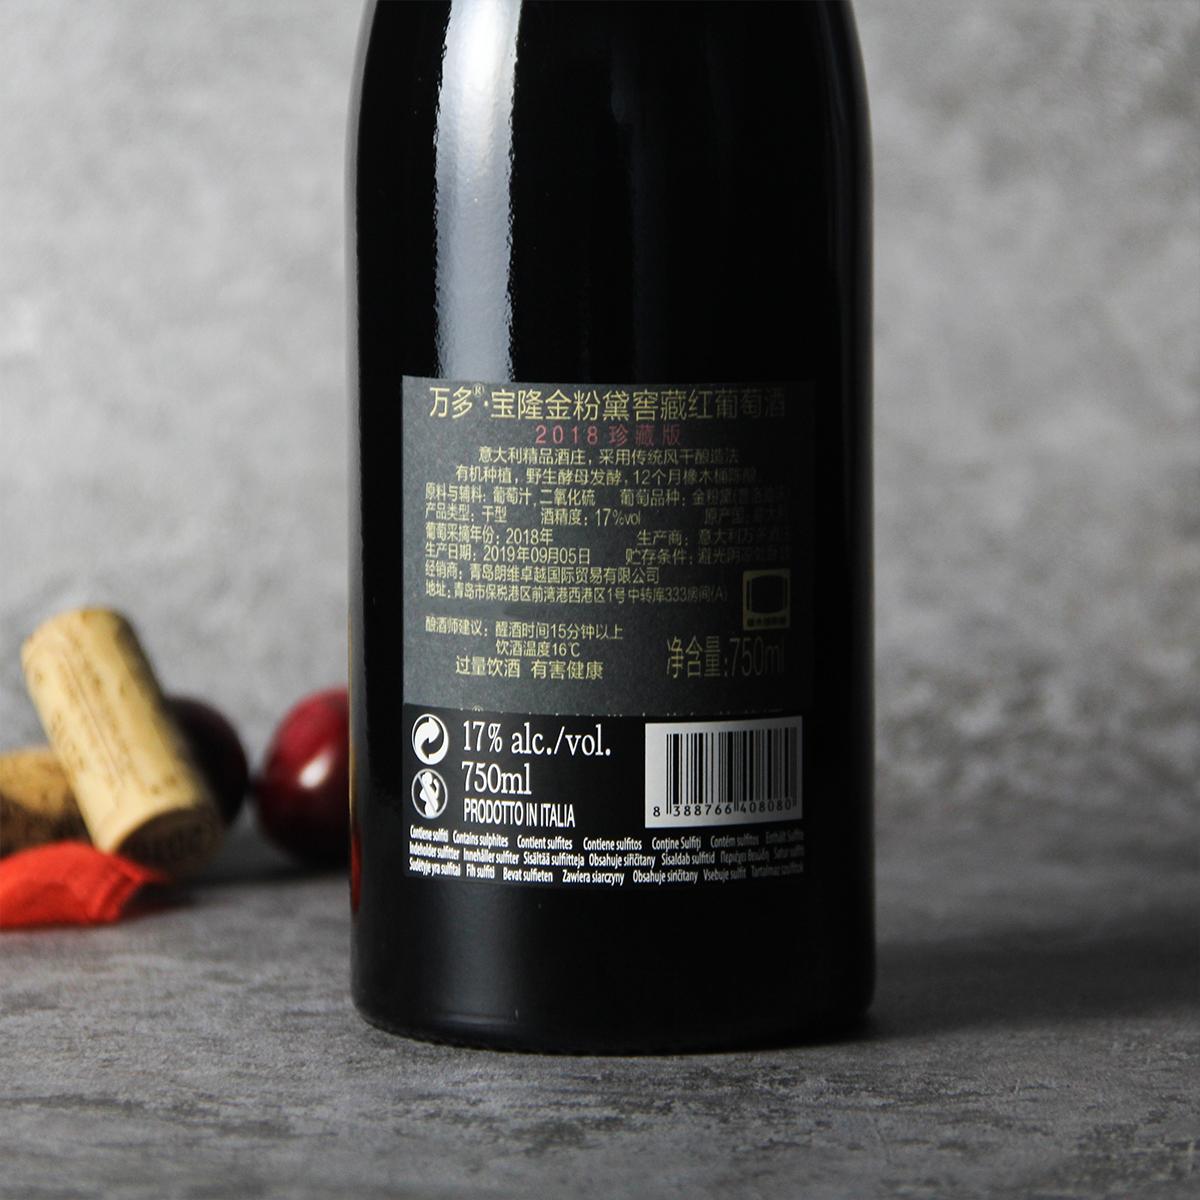 意大利皮埃蒙特万多.宝隆金粉黛窖藏红葡萄酒